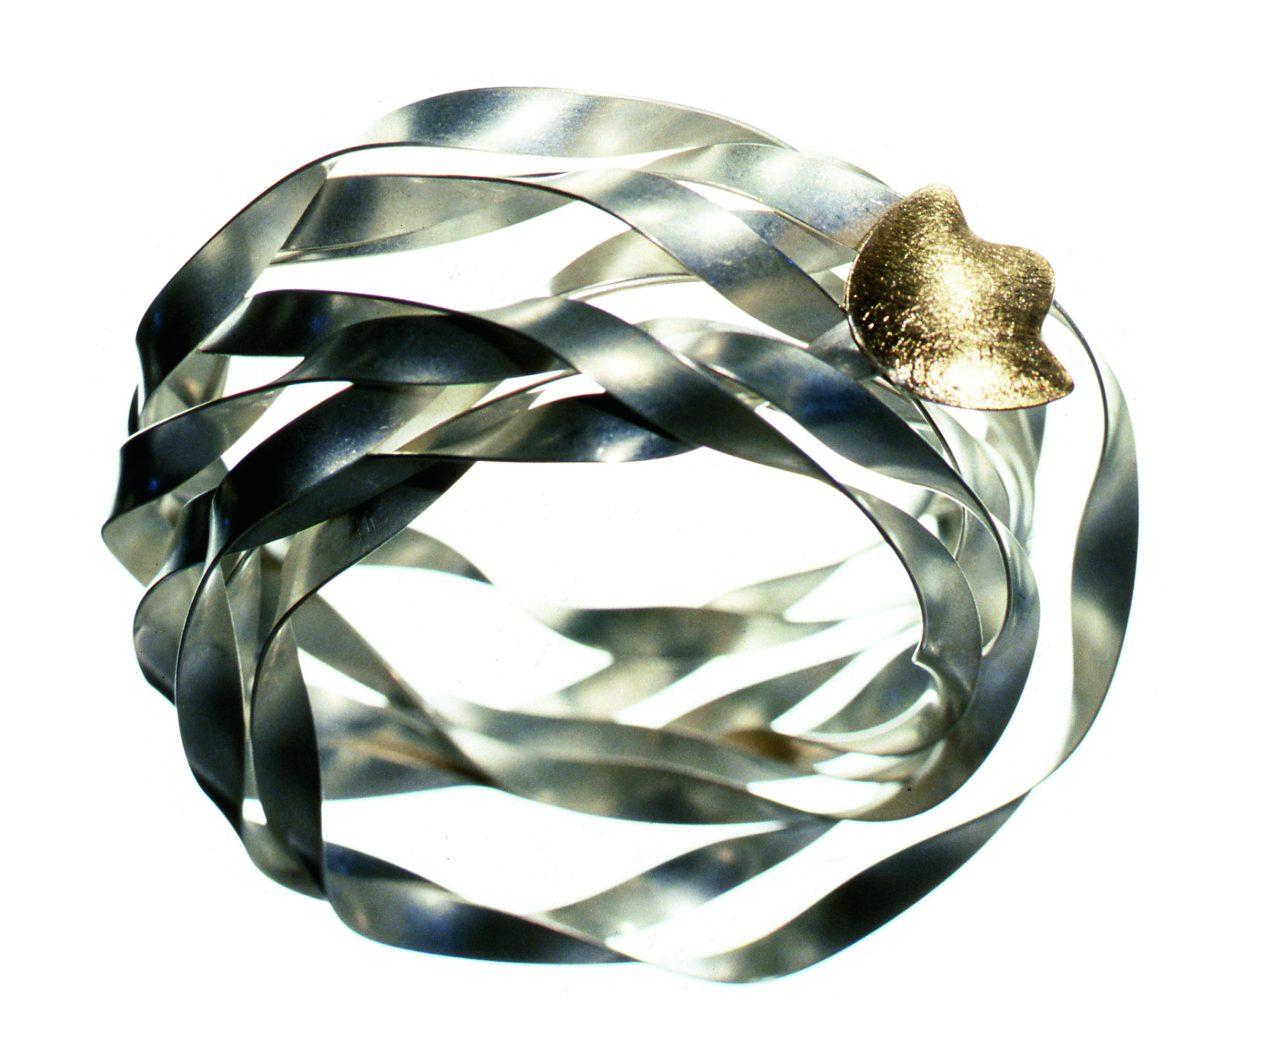 Margareth Sandström, armband, 1988, zilver, goud